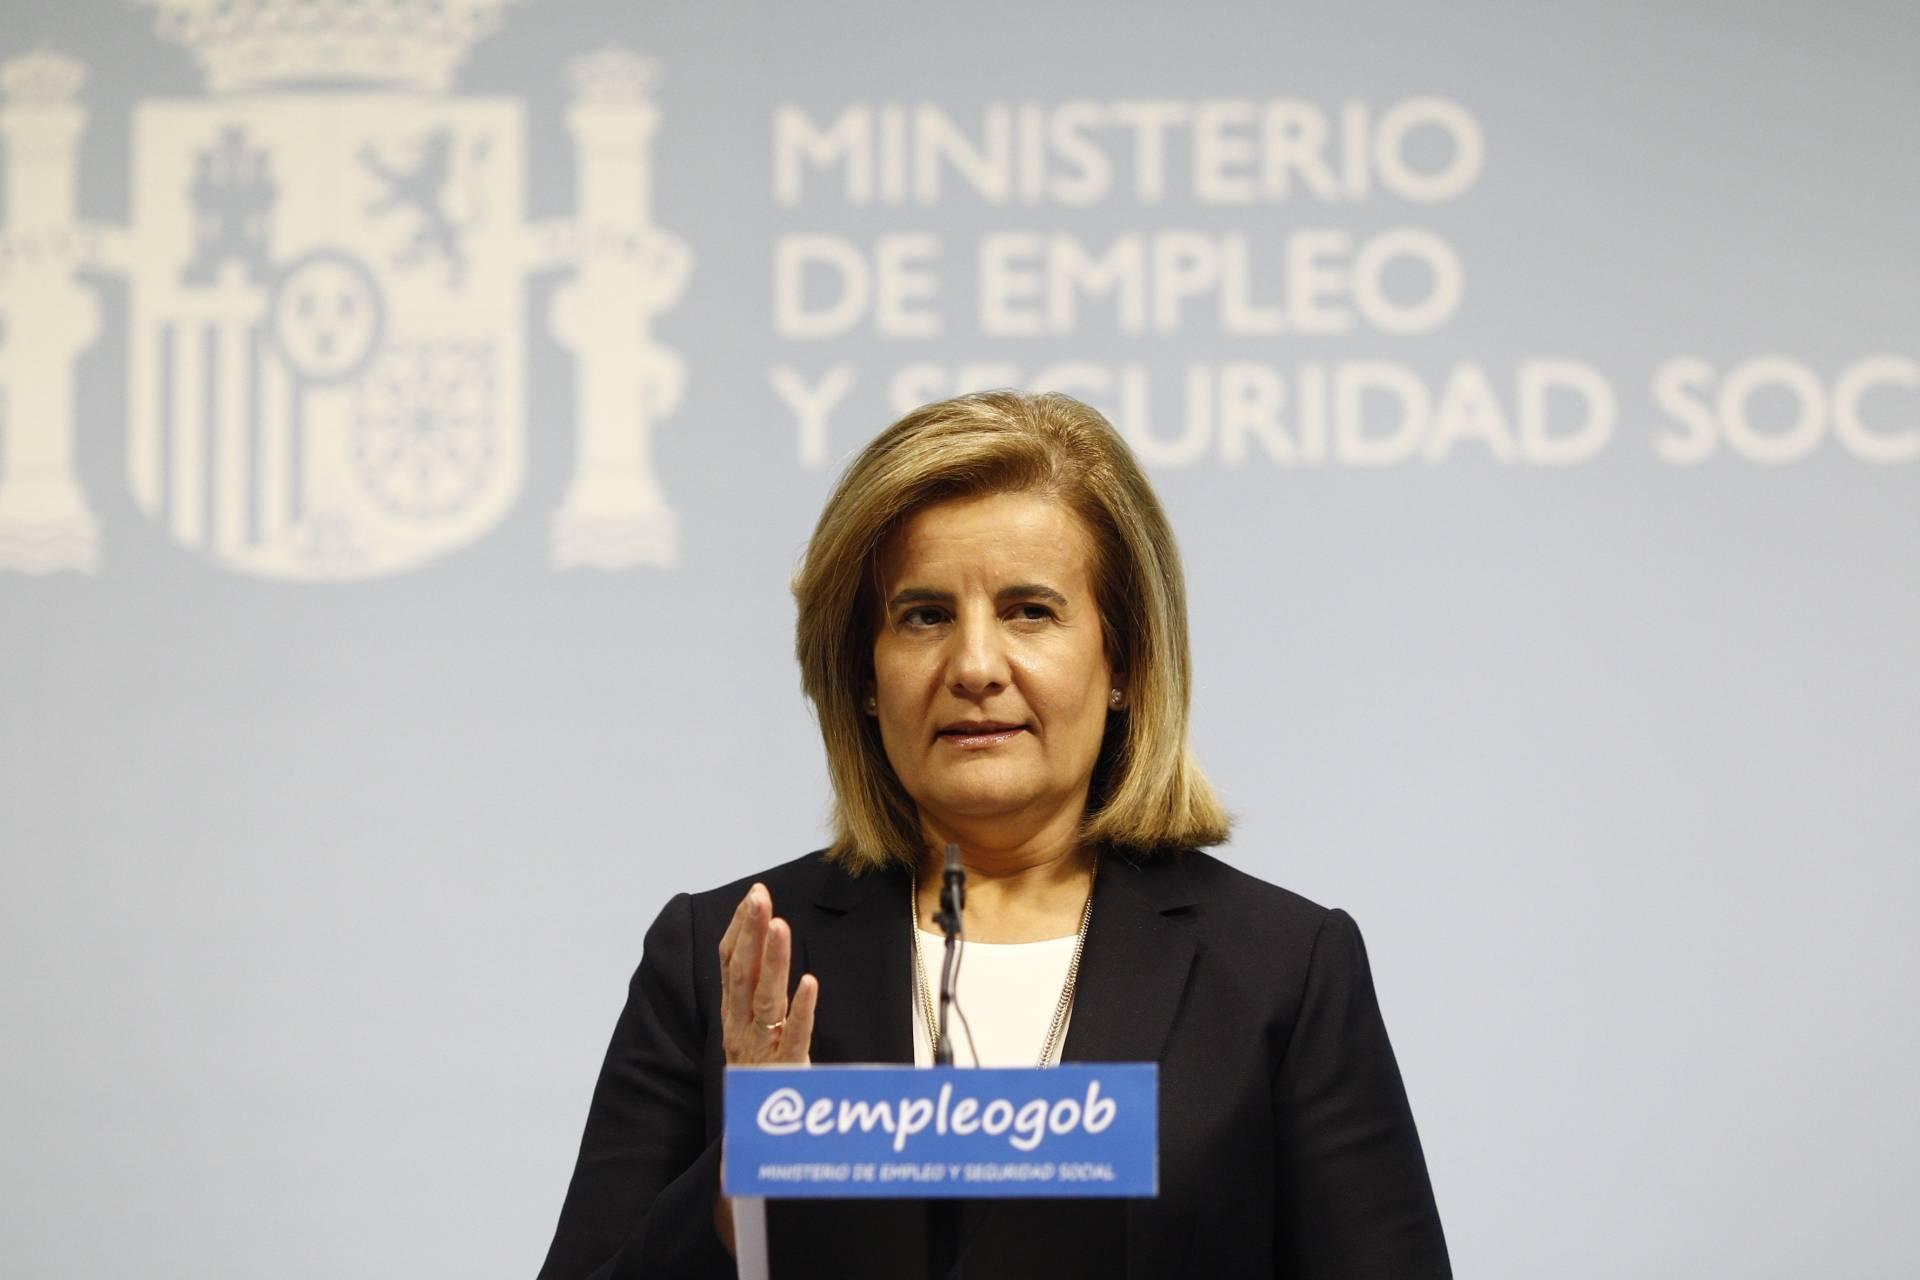 Fátima Báñez, ministra de Empleo cuando se concedieron las ayudas investigadas ahora por el Tribunal de Cuentas.